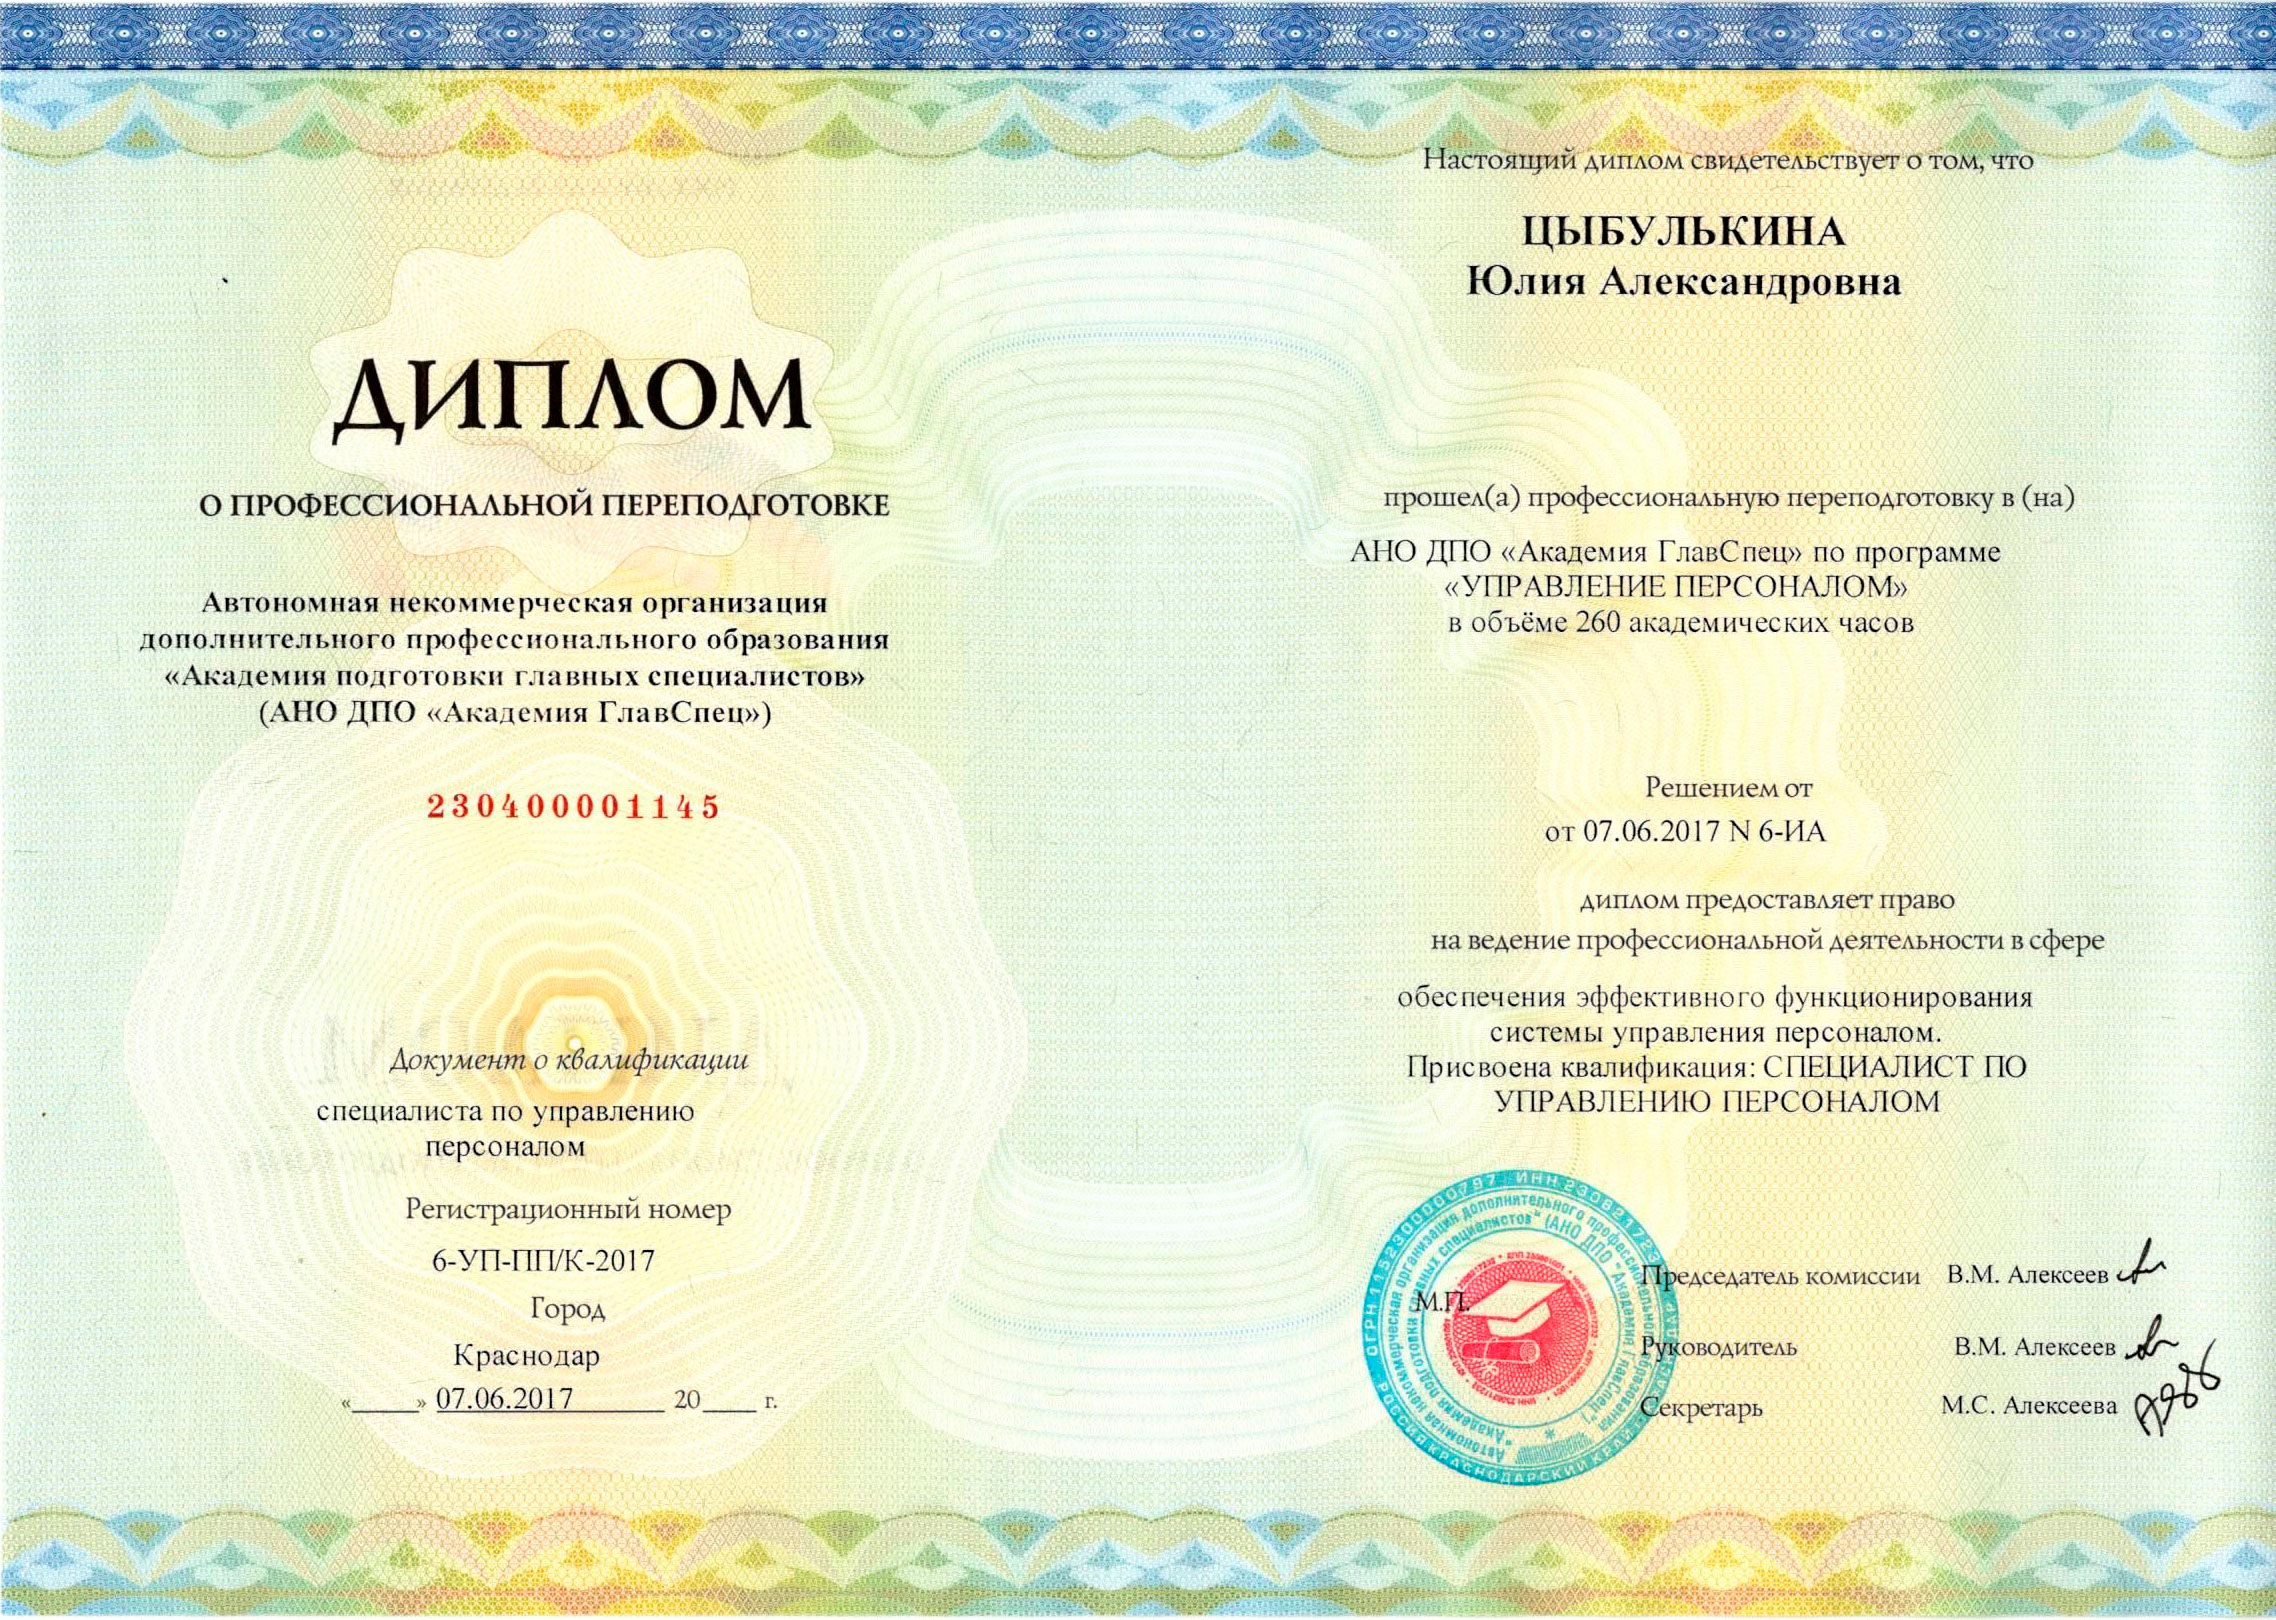 Образцы дипломов о ПП и удостоверений о ПК Академия подготовки  Управление персоналом Диплом 260 часов Квалификация Специалист по управлению персоналом